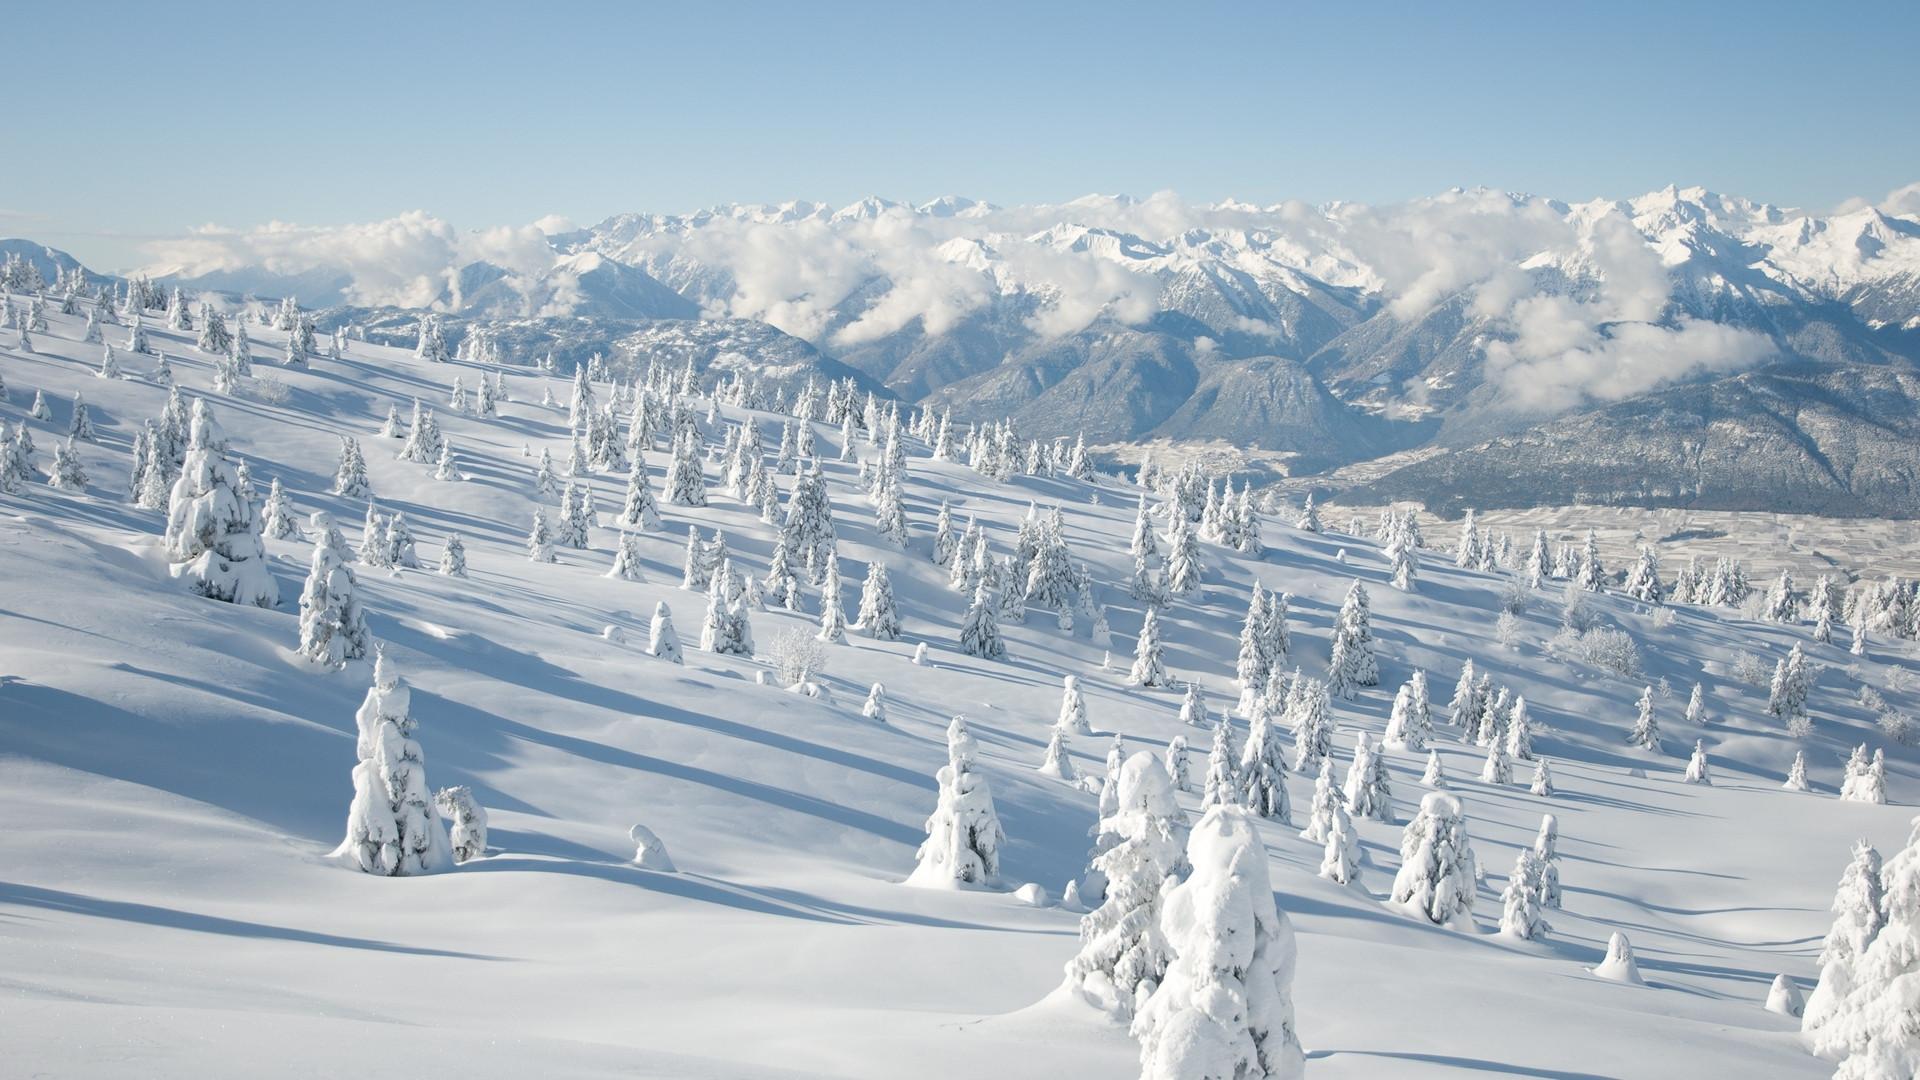 ws_Winter_Land_Trees_&_Mountains_1920x10